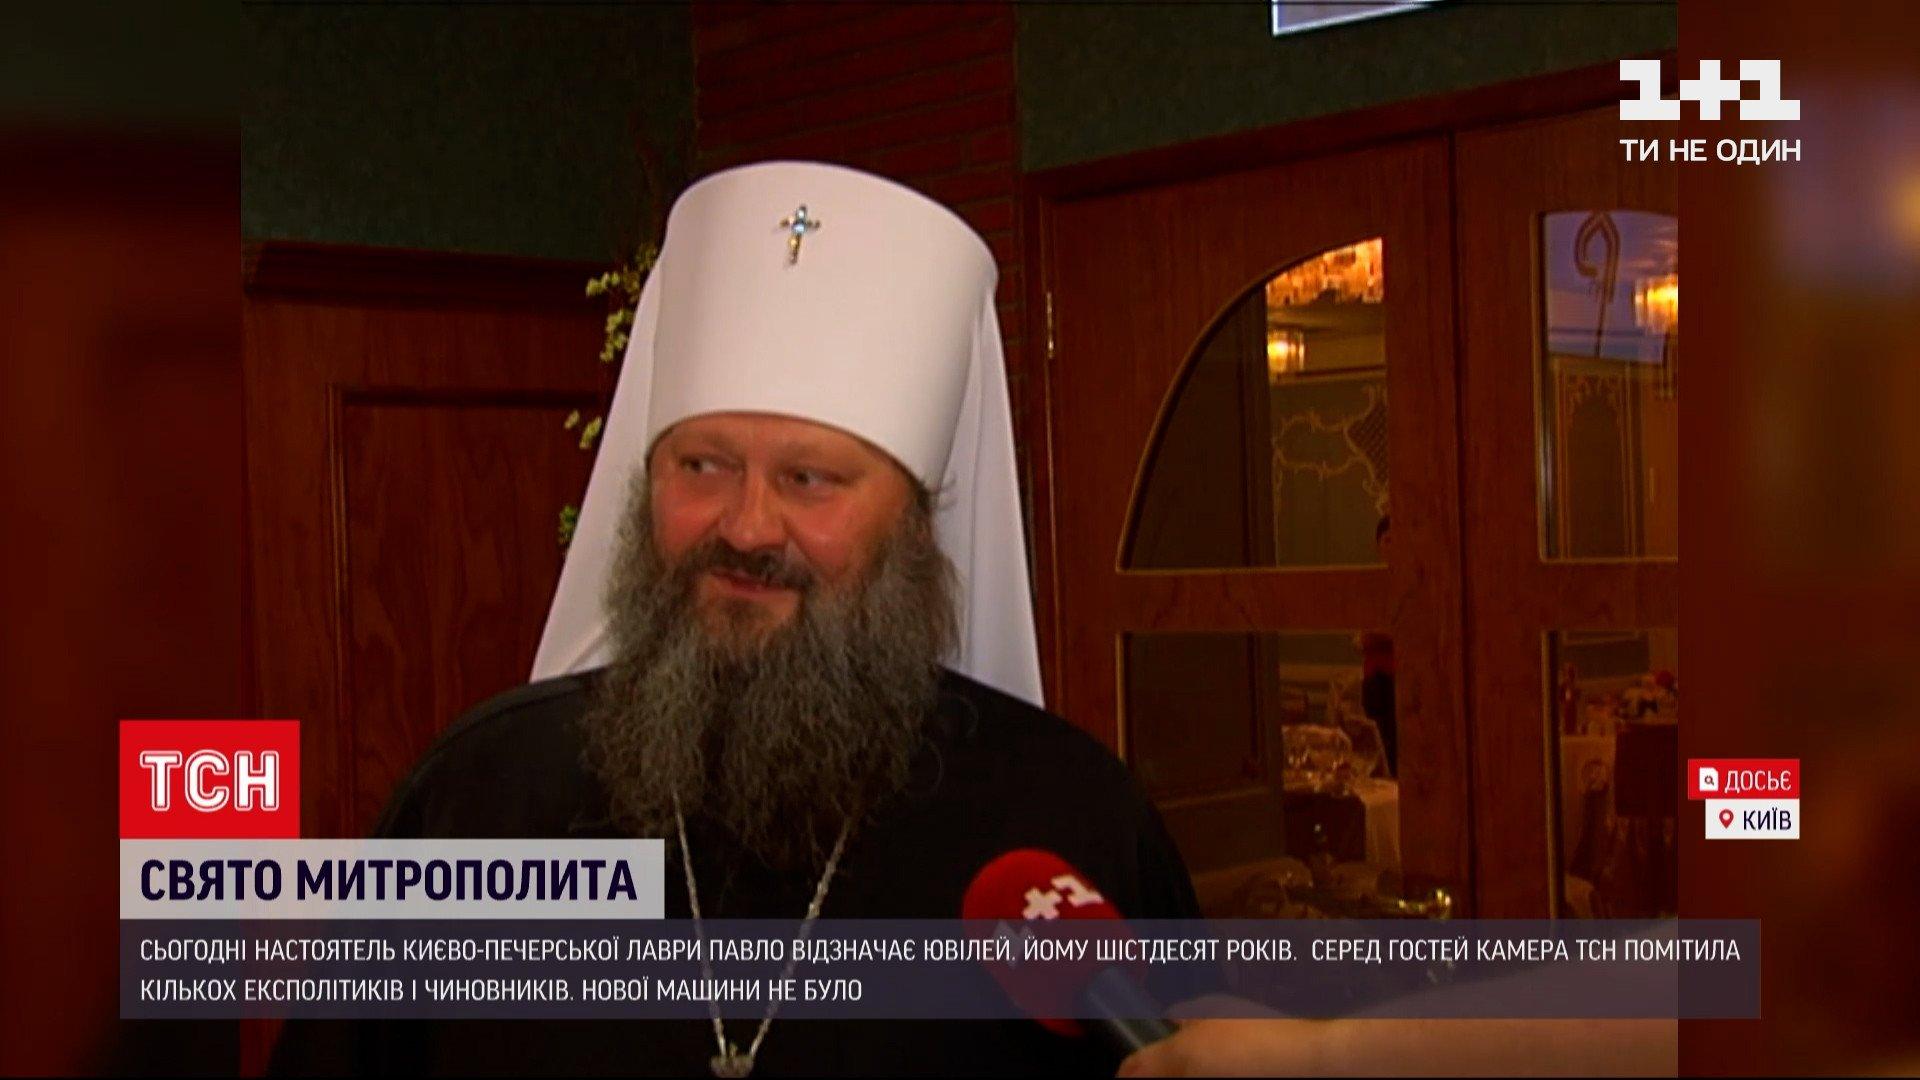 Митрополит Павло відсвяткував свій 60-річний ювілей